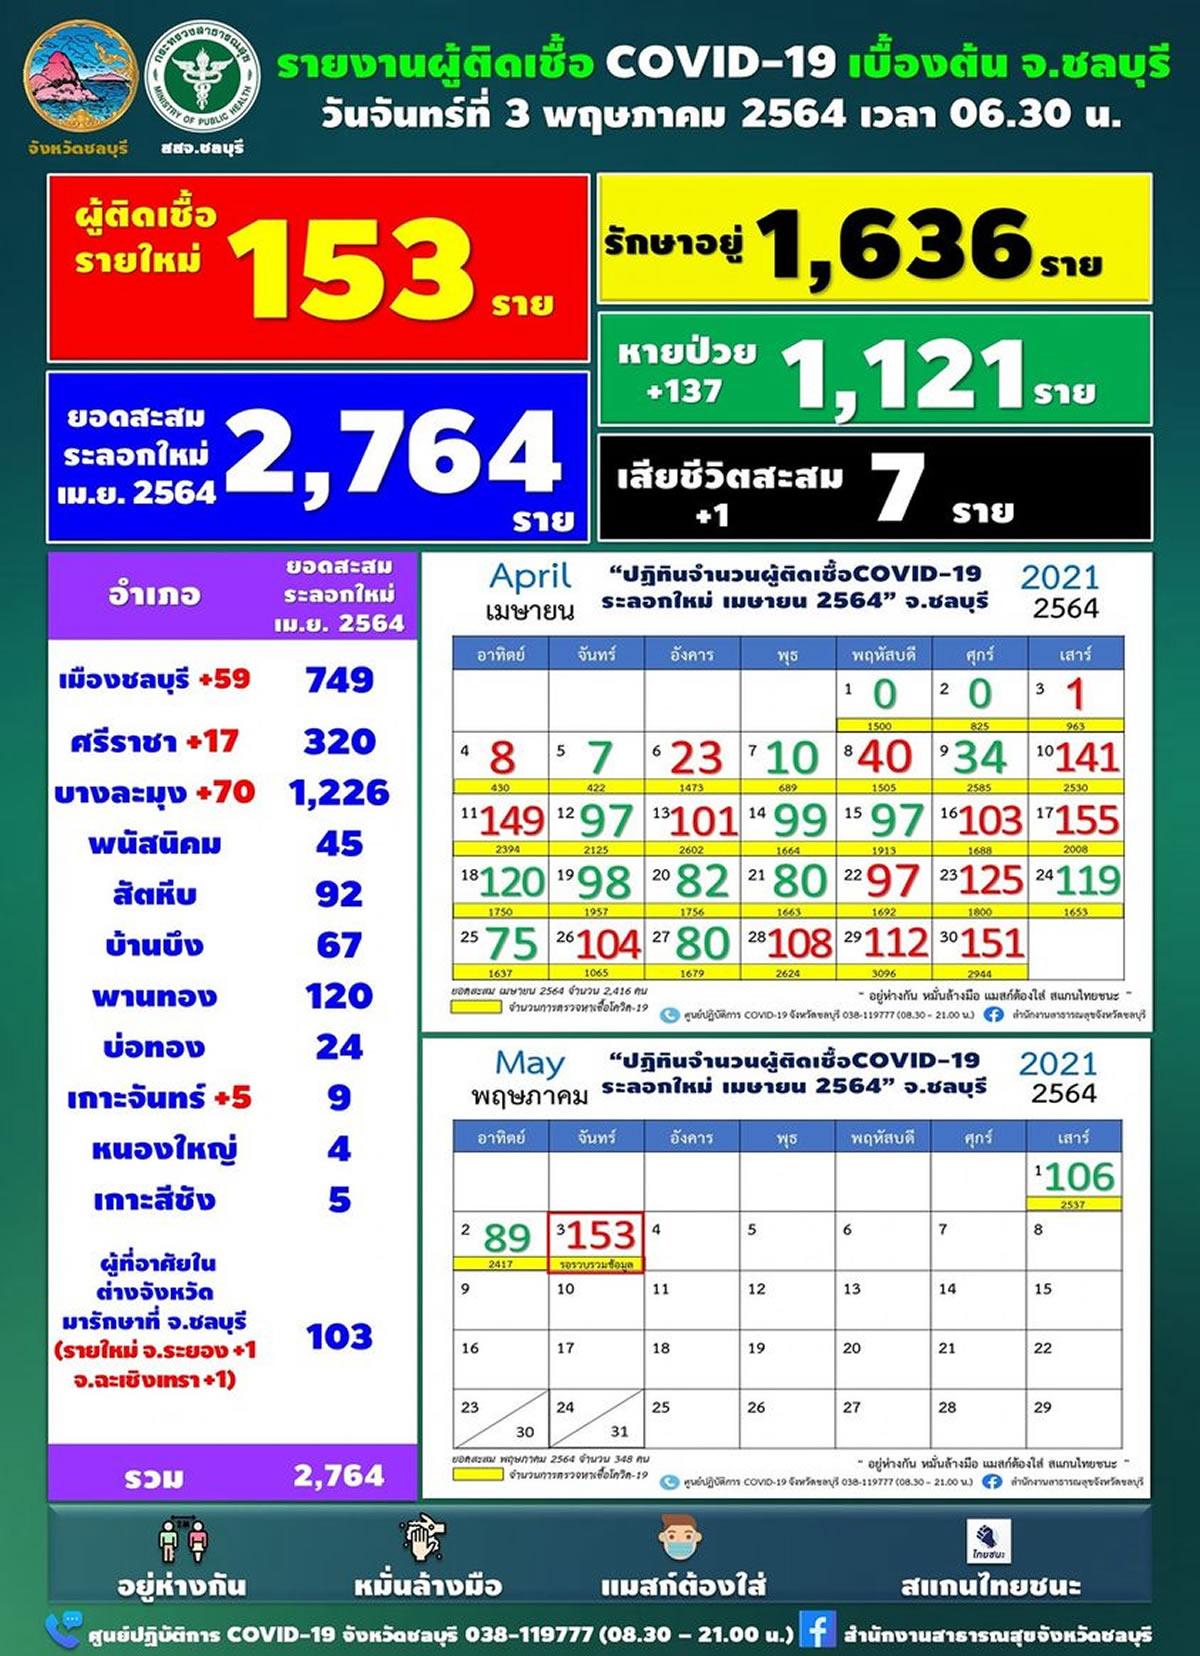 チョンブリ県の新規陽性確認は153人[2021年5月3日発表]